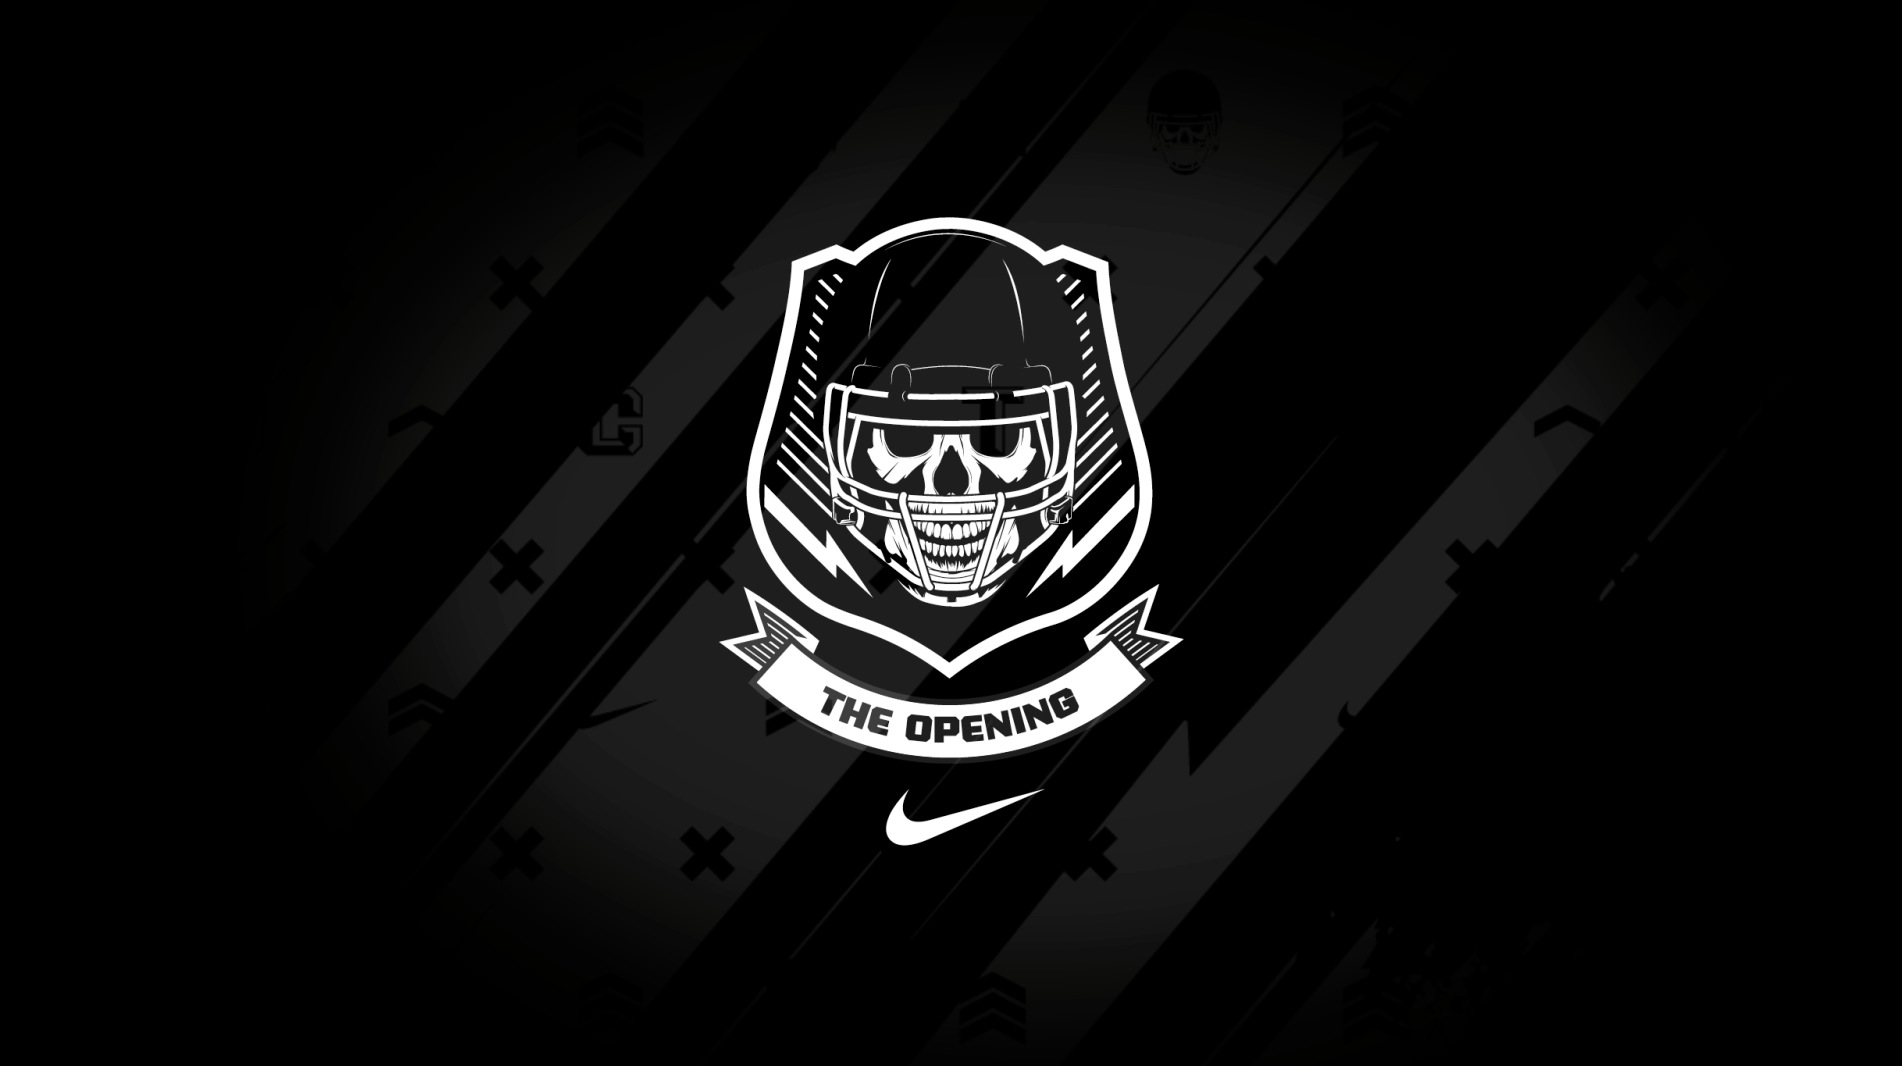 Nike Gridiron Football Wallpaper Nike gridiron 2013 1902x1066